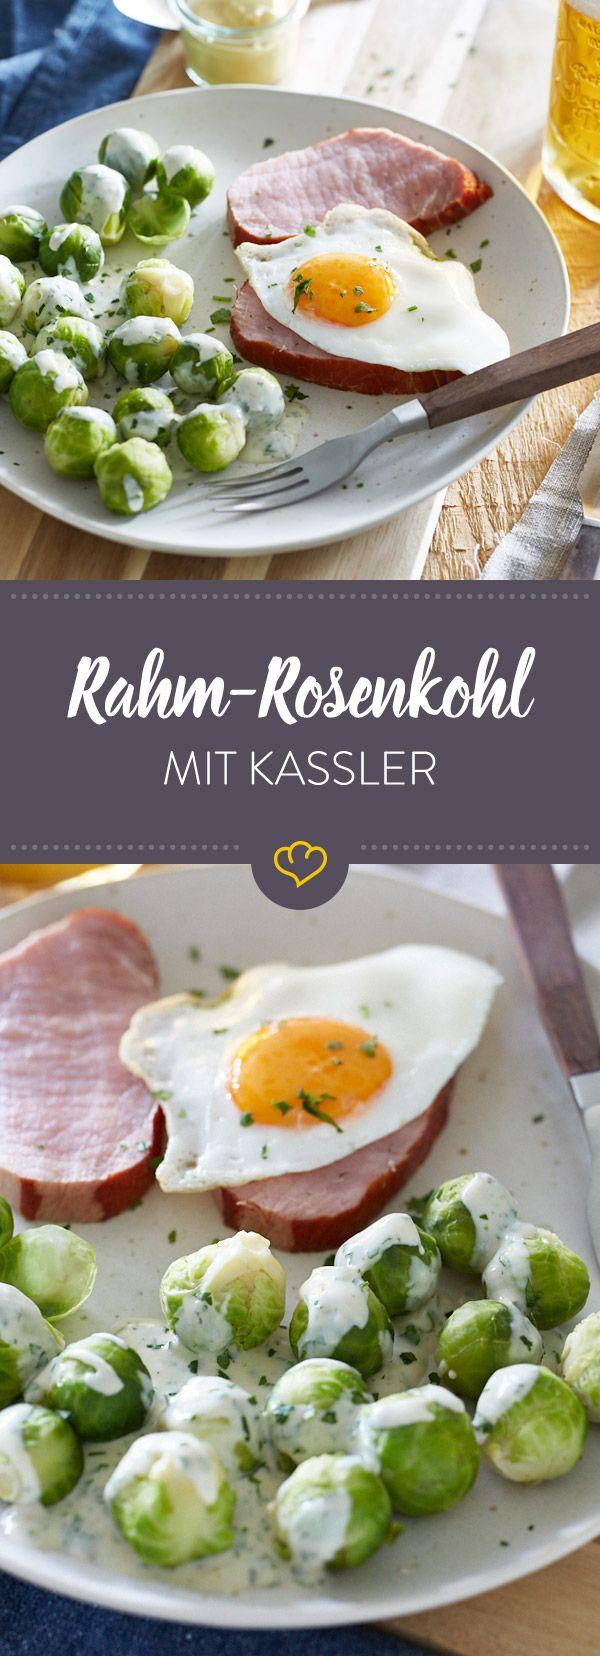 Was braucht man für ein Schicki-Micki-Gericht, wenn man ein saftiges Stück Kassler mit Spiegelei und Rosenkohl in Rahmsauce haben kann?